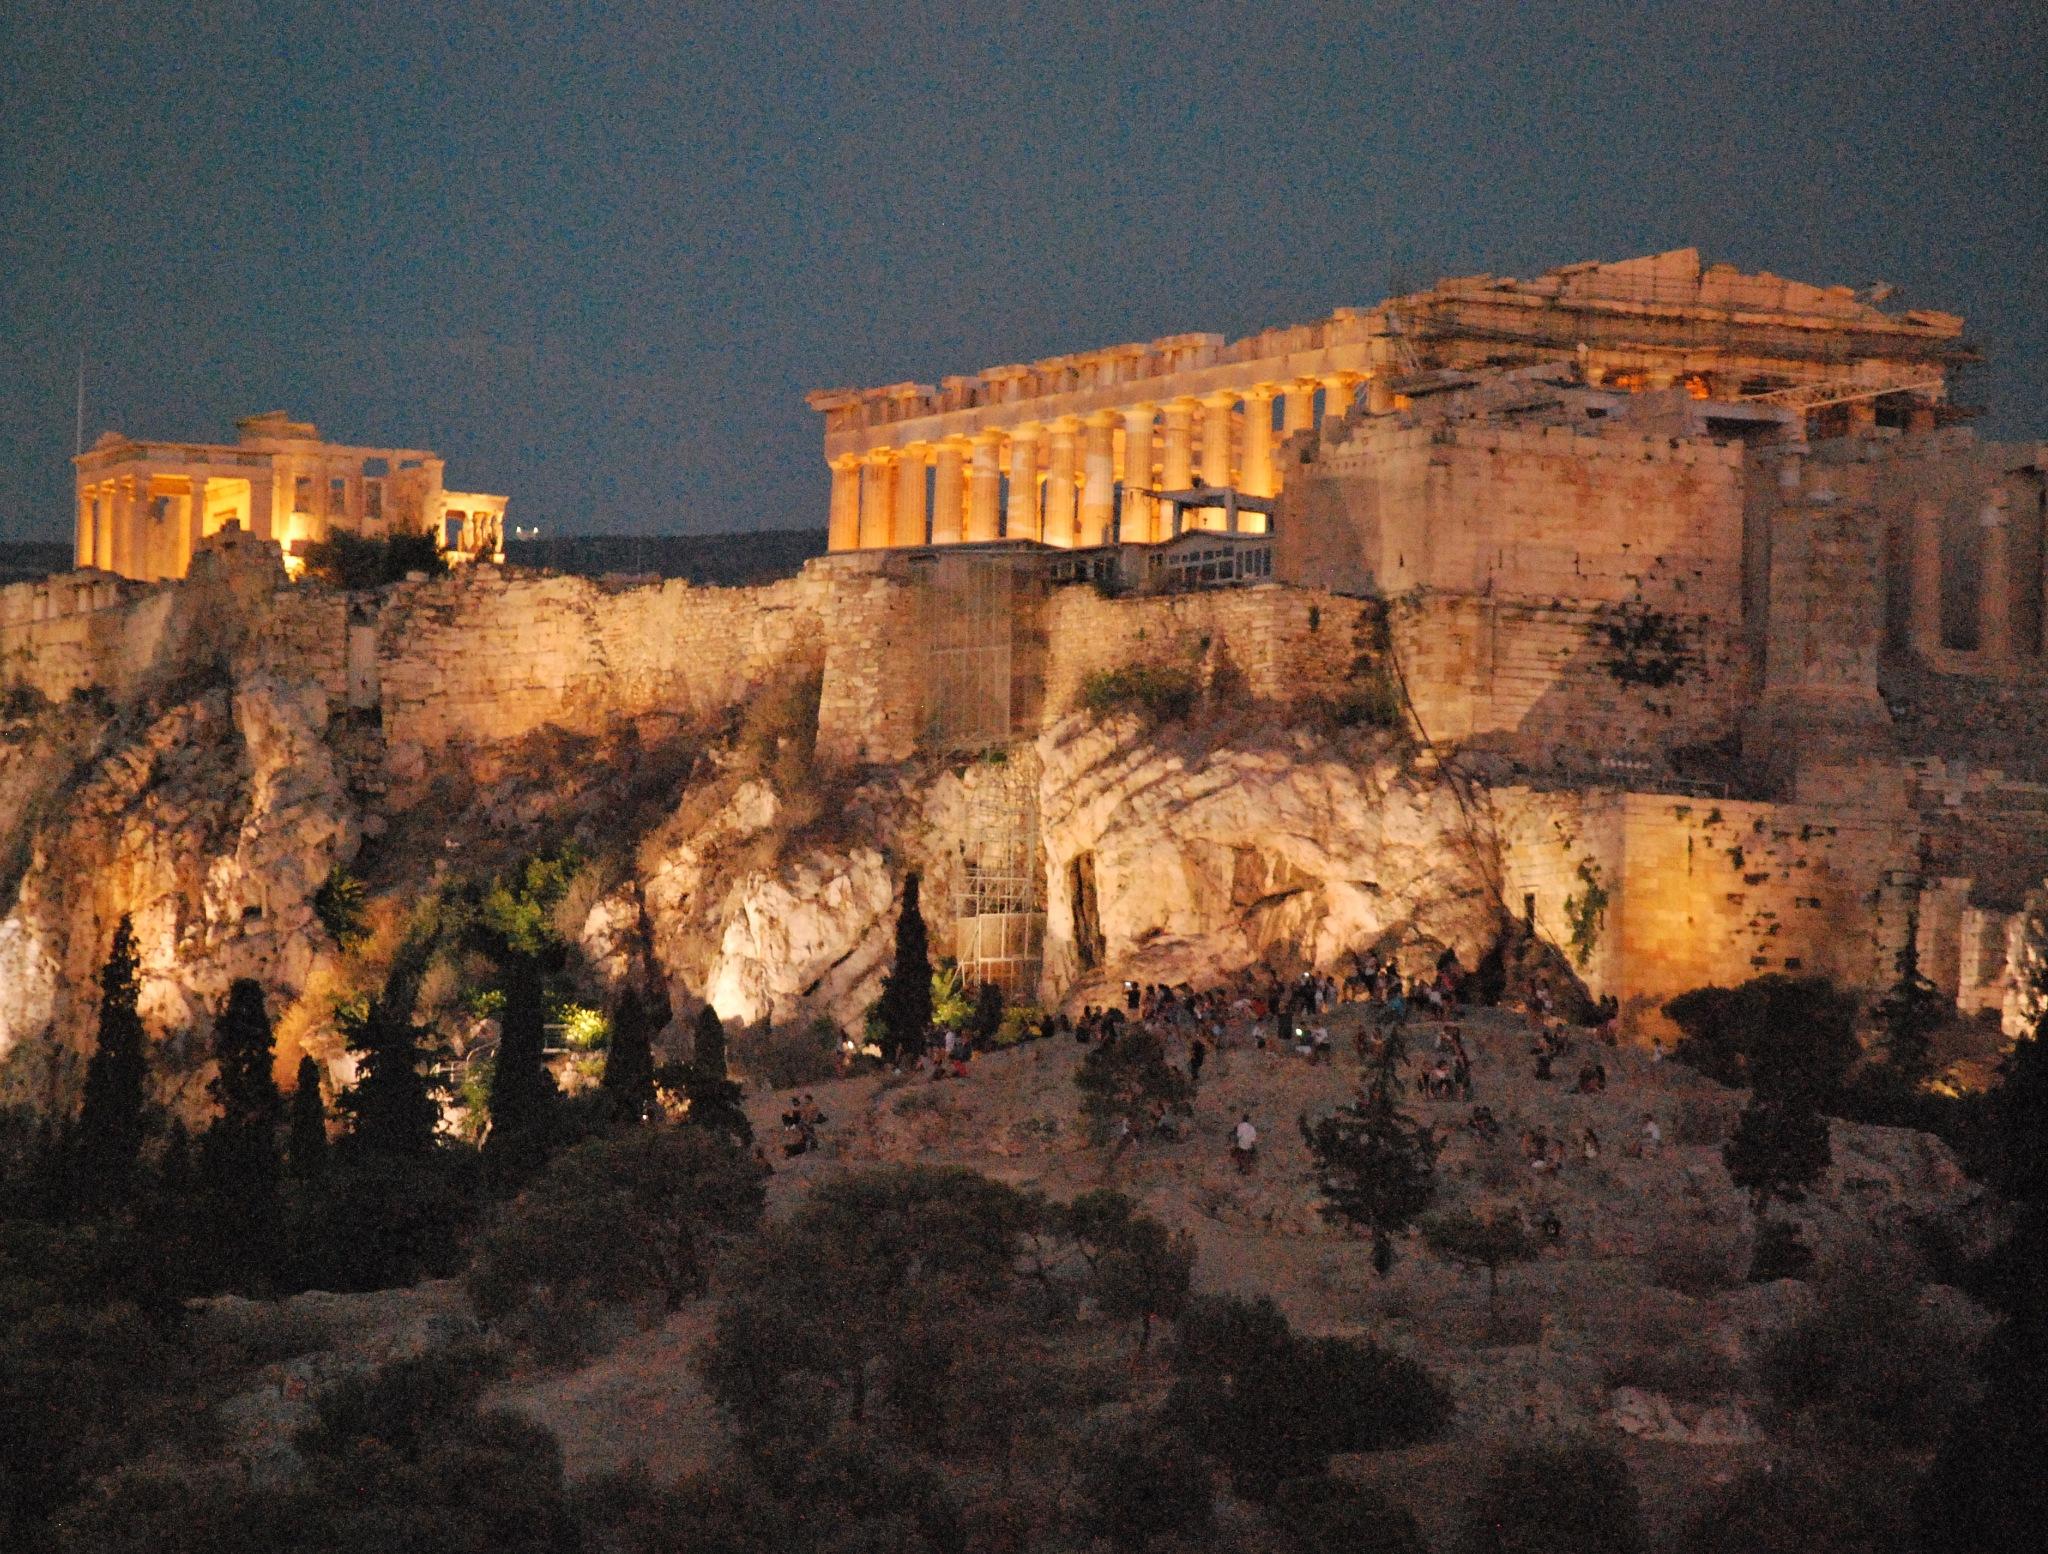 acropolis  by Jim zafiris